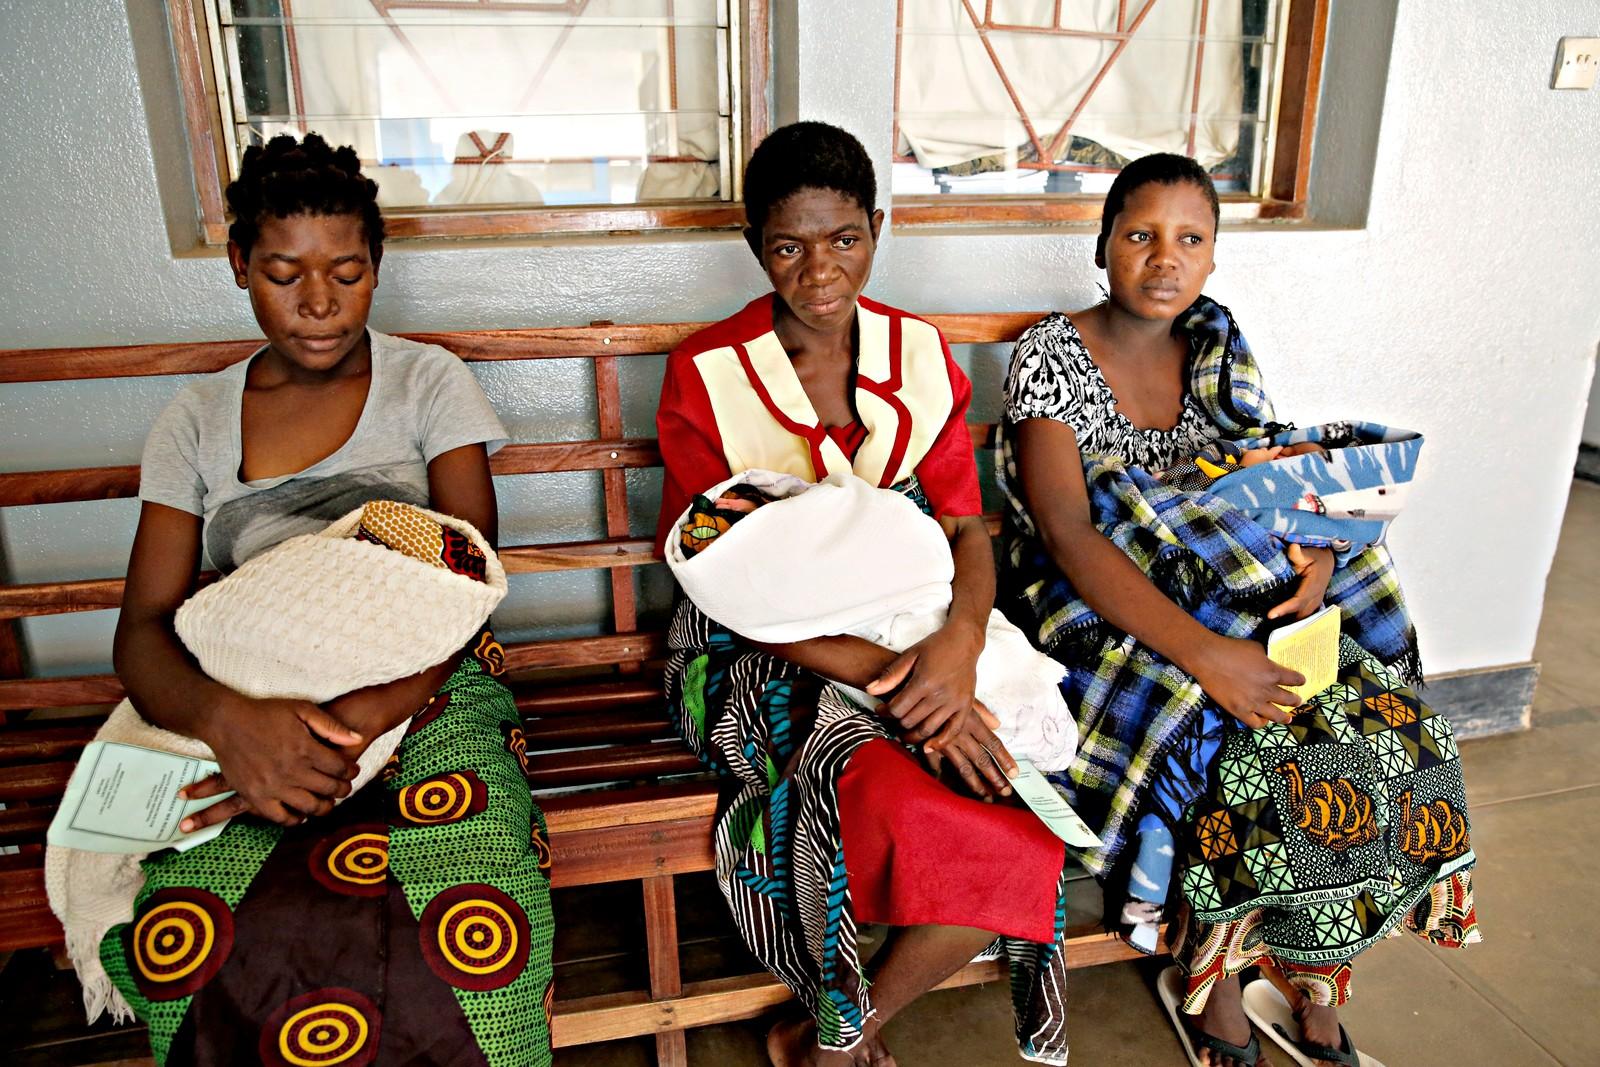 Disse tre kvinnene nyter godt av det norsktyske bistandsprosjektet på Helsestasjonen Mbela i Balaka-distriktet sør i Malawi. De holder på sine nyfødte babyer og kortene med påskriften Resultbased financing. Gjennom prosjektet får de penger for å komme til klinikken for å føde. Pengene skal dekke transporten til sykehuset og mat og andre nødvendigheter i dagene de er der. Tilgang på helsehjelp før, under og etter fødesel er avgjørende for at tusenårsmålet nåes.